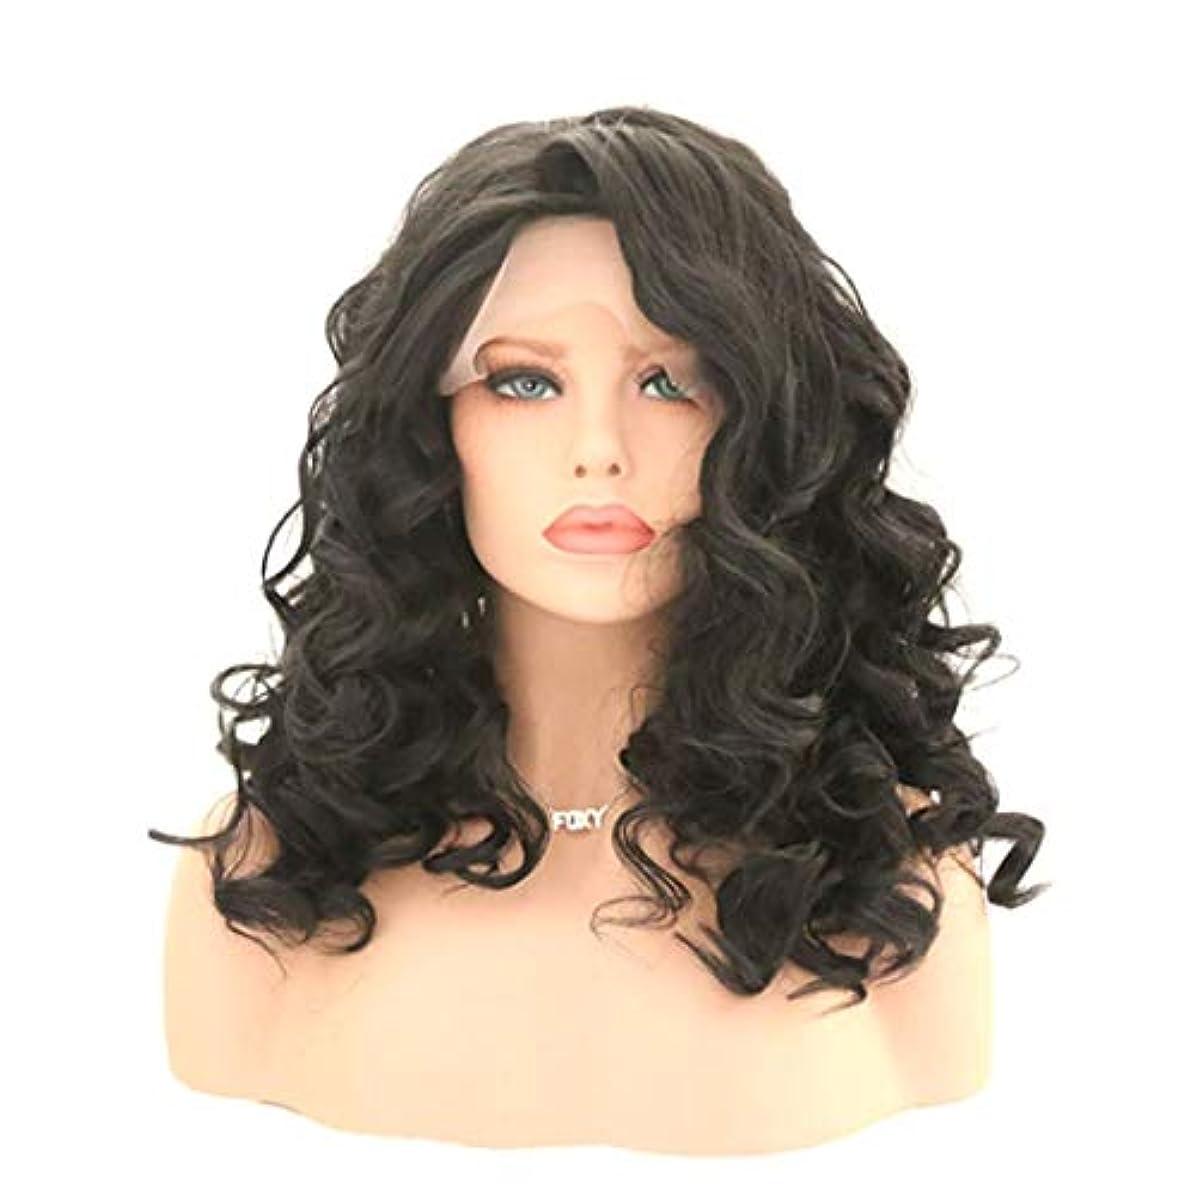 スプレーレプリカ引退したKerwinner 女性のためのカーリー波状かつら前髪付きかつら人工毛髪かつら自然なかつら (Size : 22 inches)